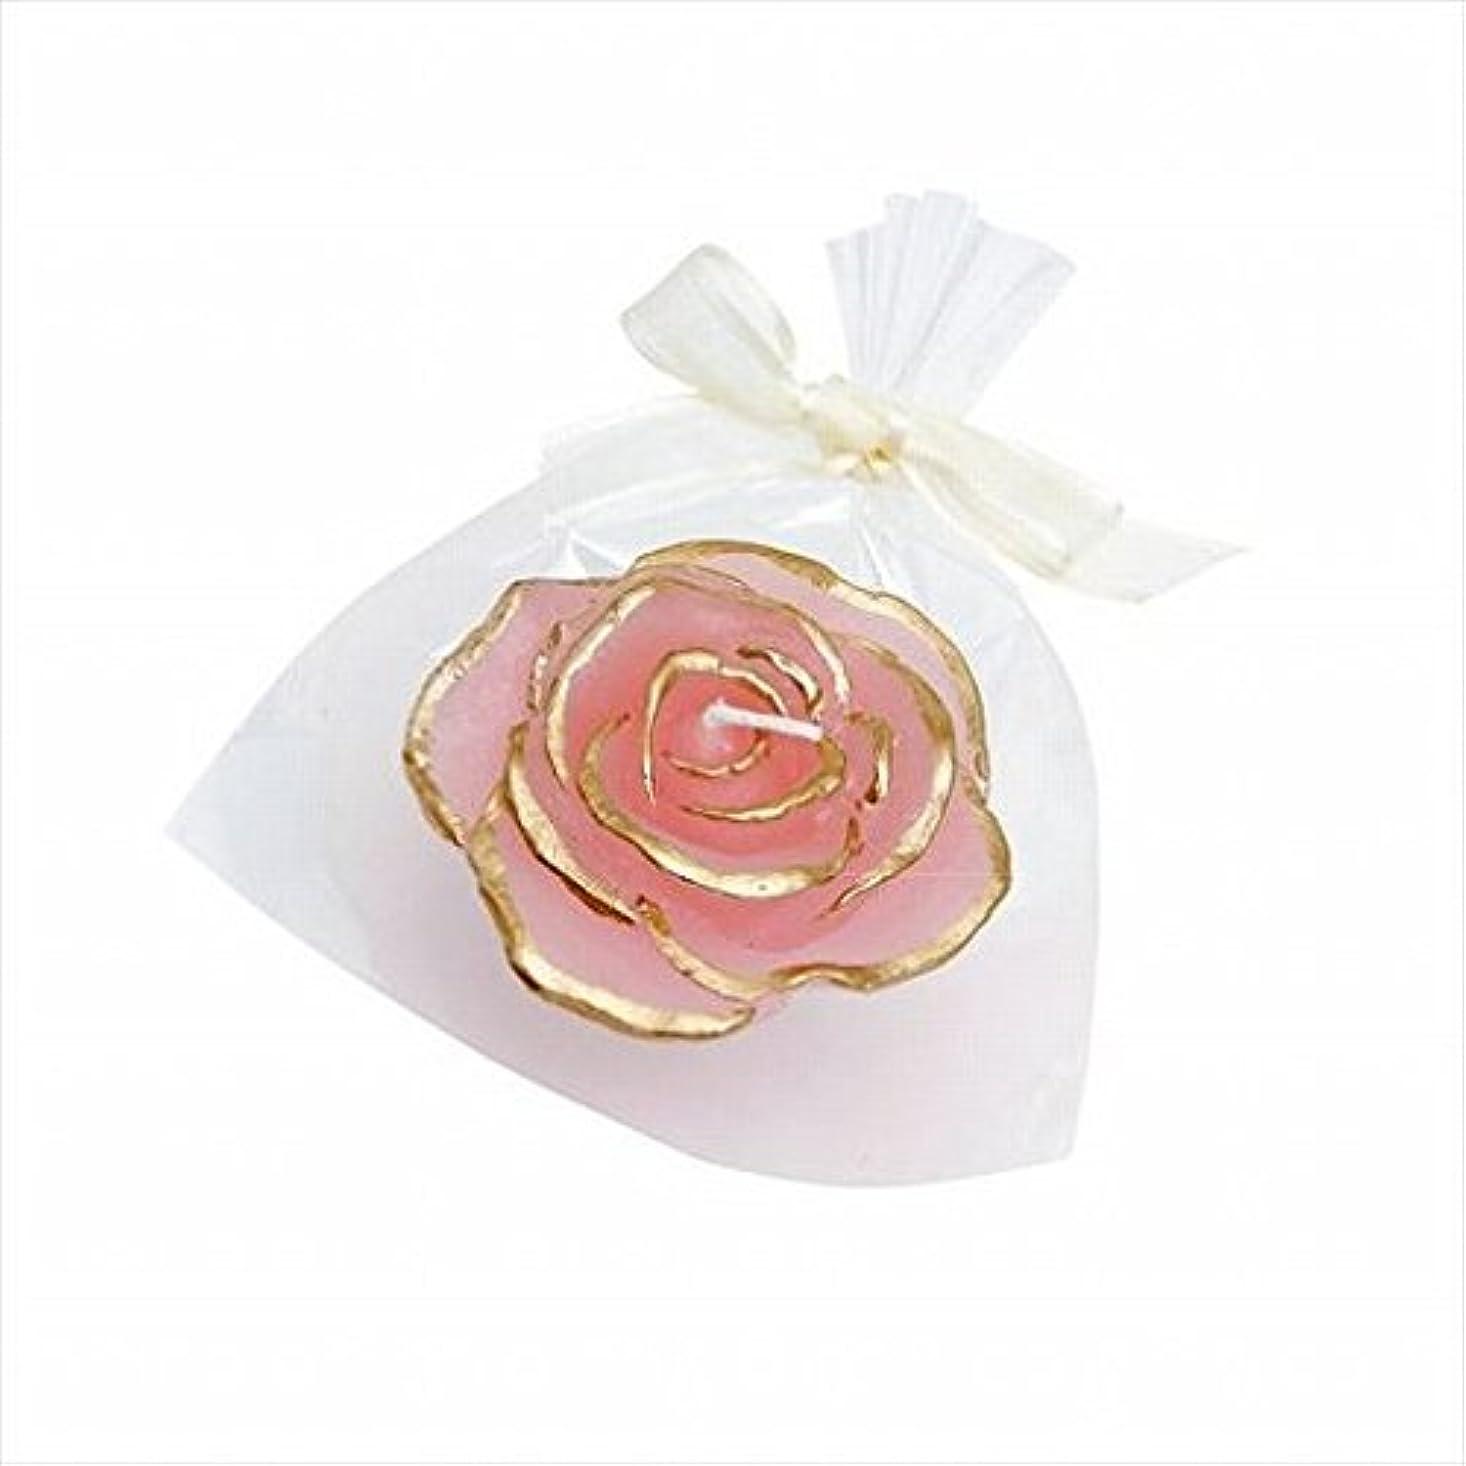 鹿ファンネルウェブスパイダー杖kameyama candle(カメヤマキャンドル) プリンセスローズ 「 ピンク 」(A6390500PK)